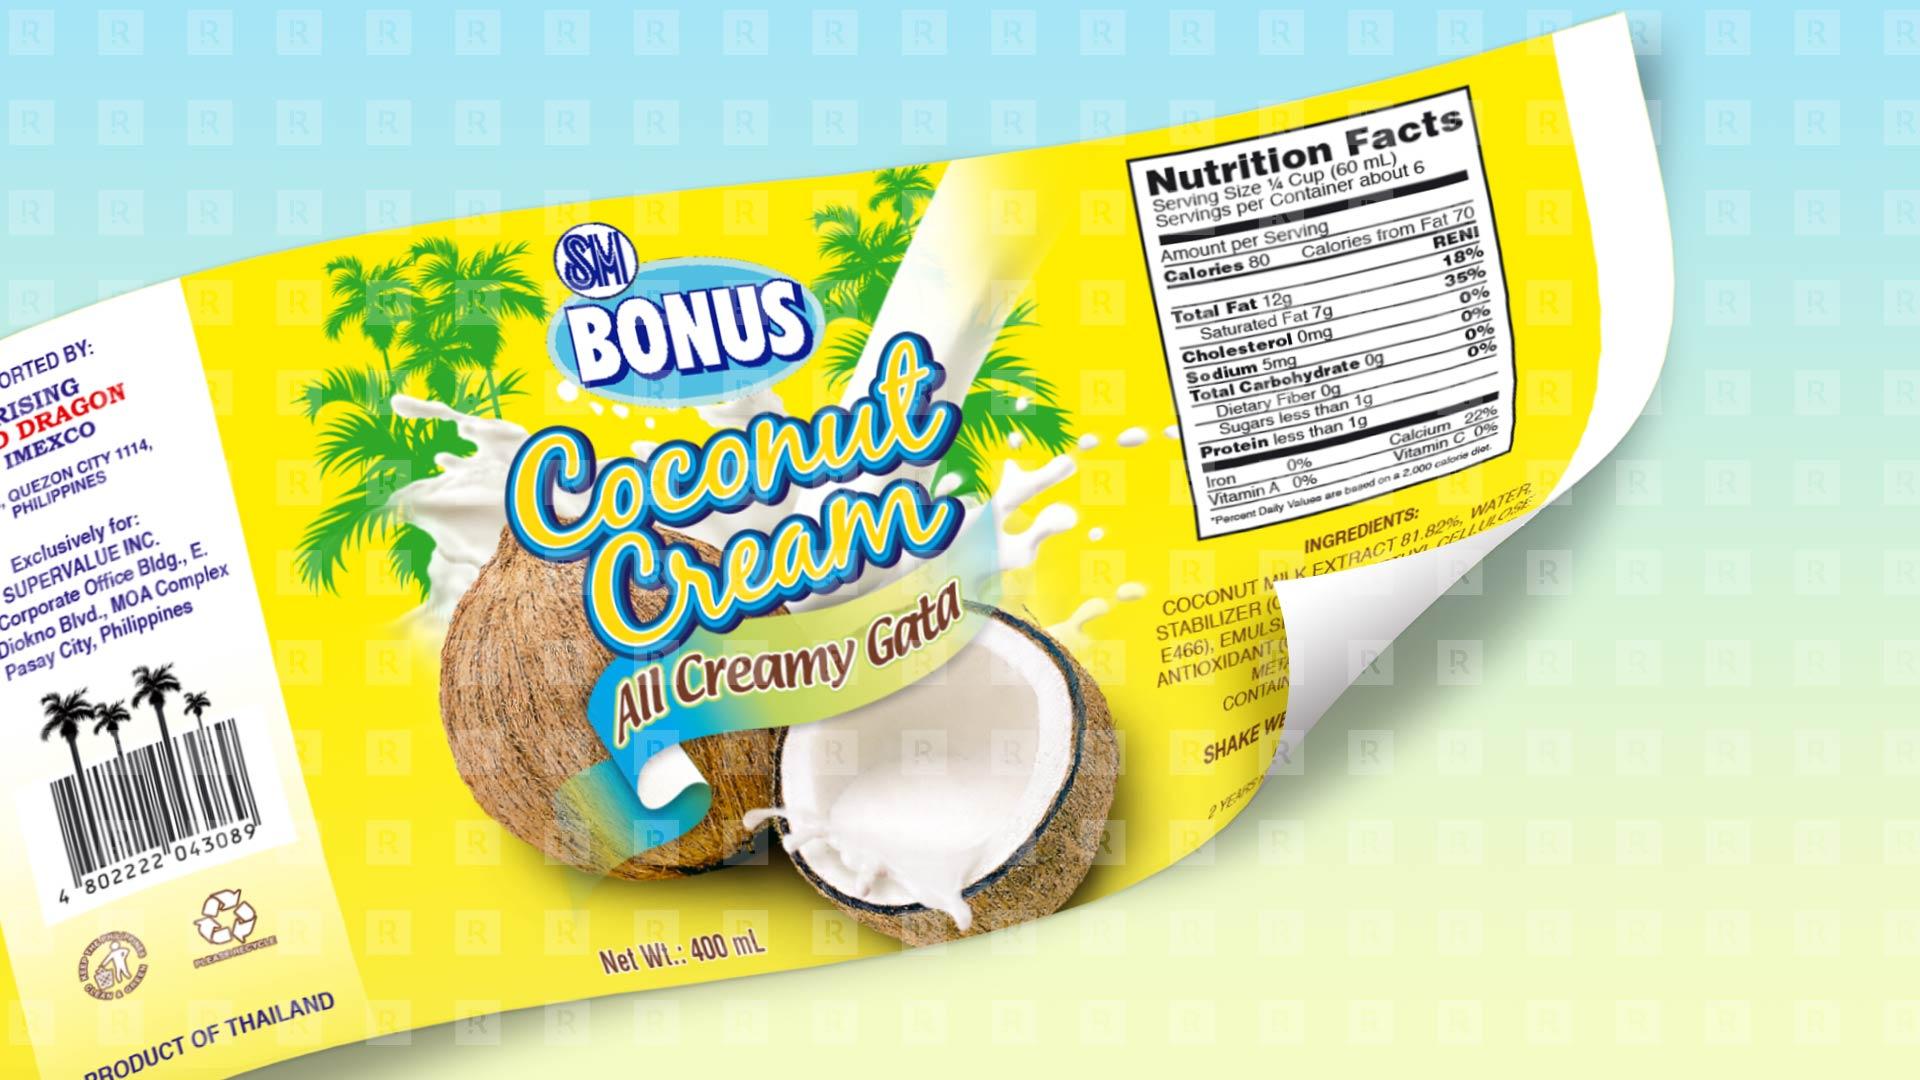 SM Bonus Coconut Cream